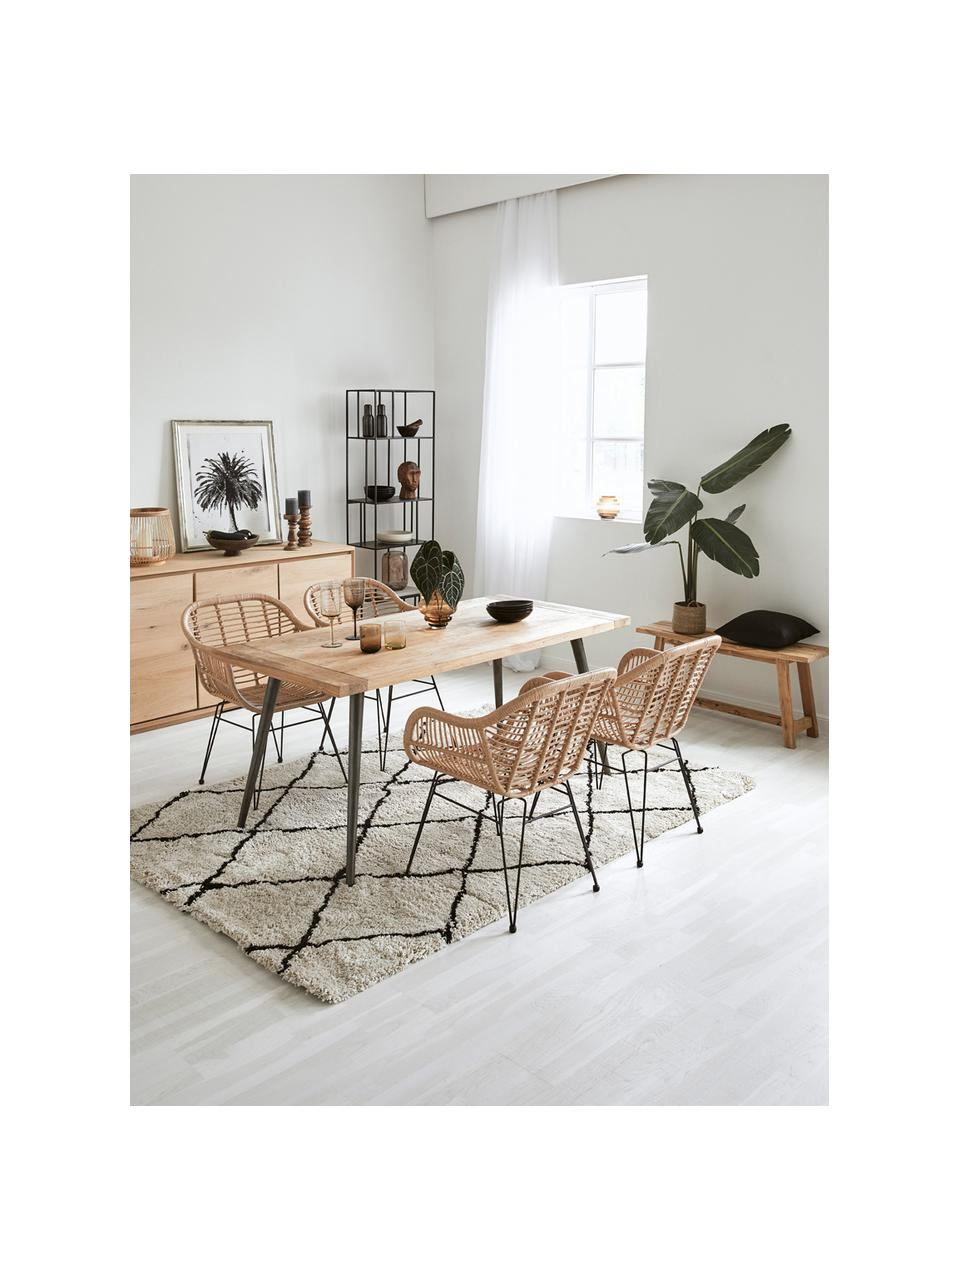 Krzesło z podłokietnikami z polirattanu Costa, 2 szt., Stelaż: metal malowany proszkowo, Jasny brązowy, nogi: czarny, S 59 x G 58 cm